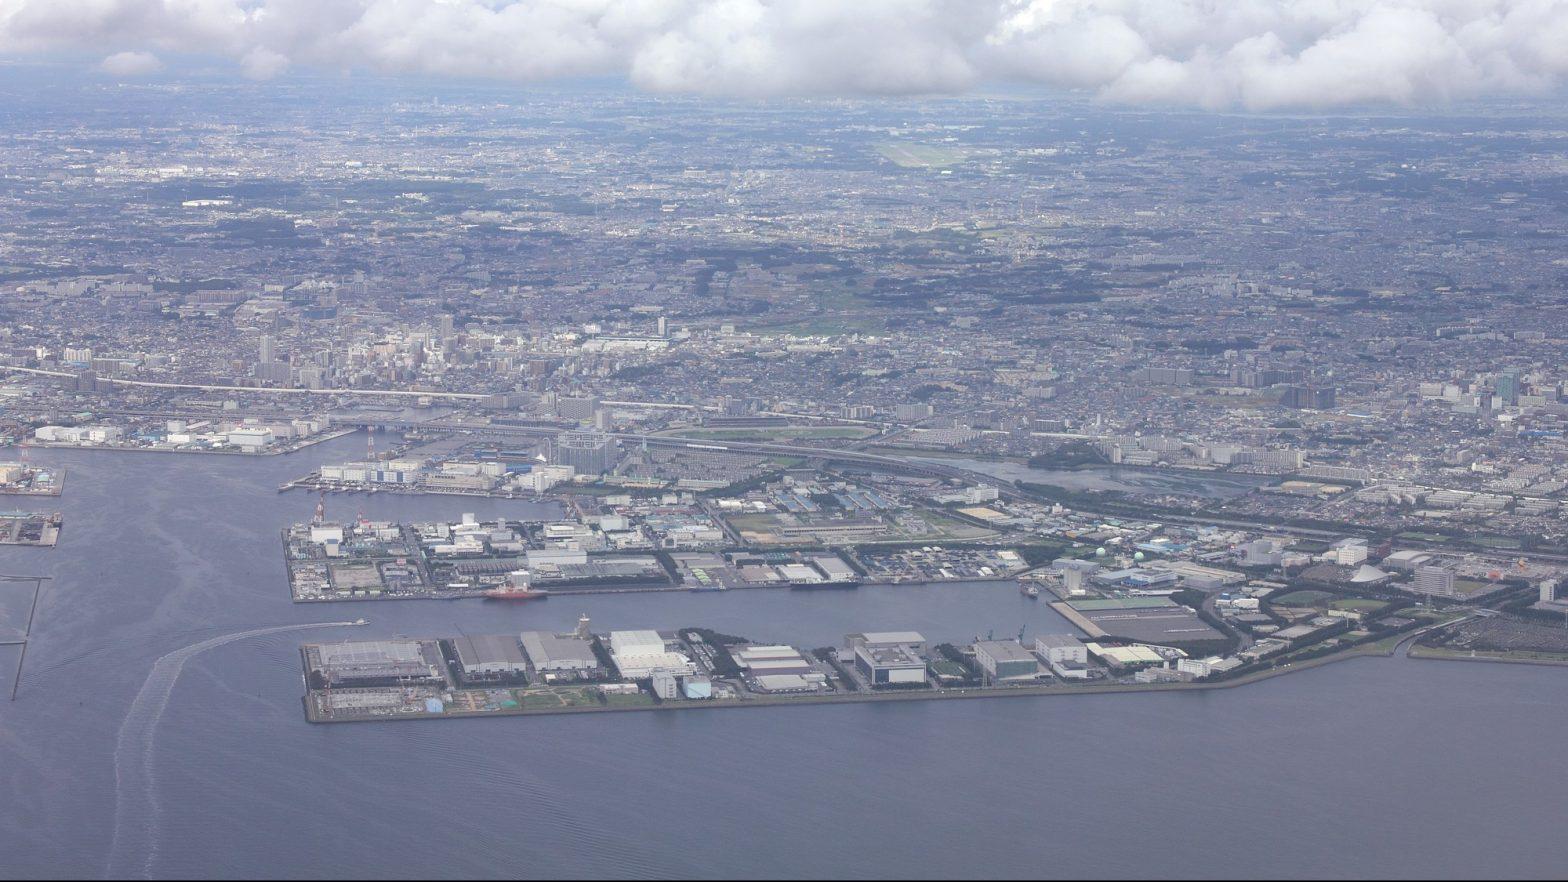 東京湾上空から見る千葉県船橋市と習志野市の千葉港、湾岸道路と背景に広がる関東平野